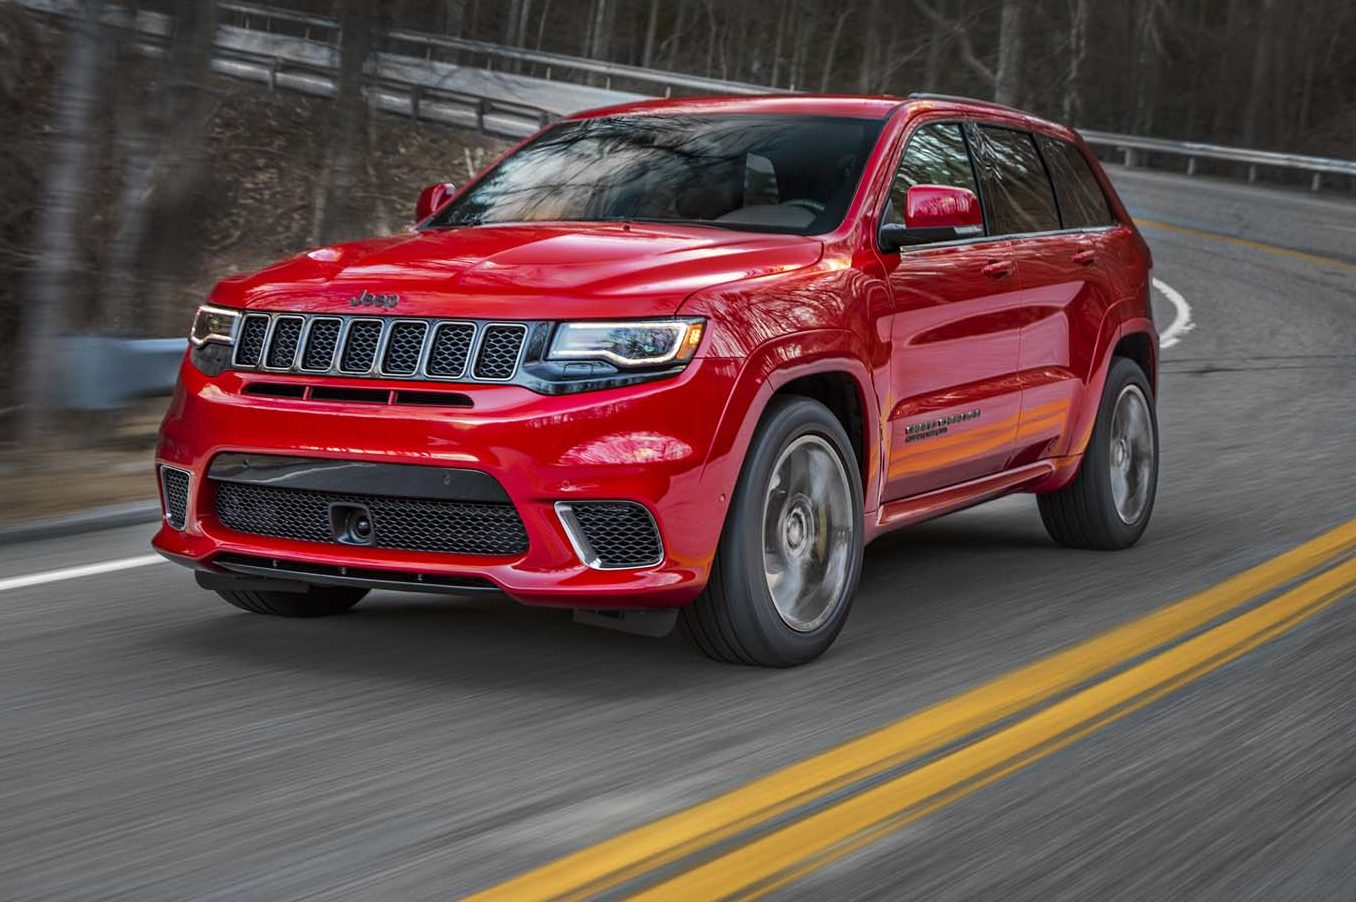 Сотню за2.8 секунды разменяет новый Jeep отHennessey